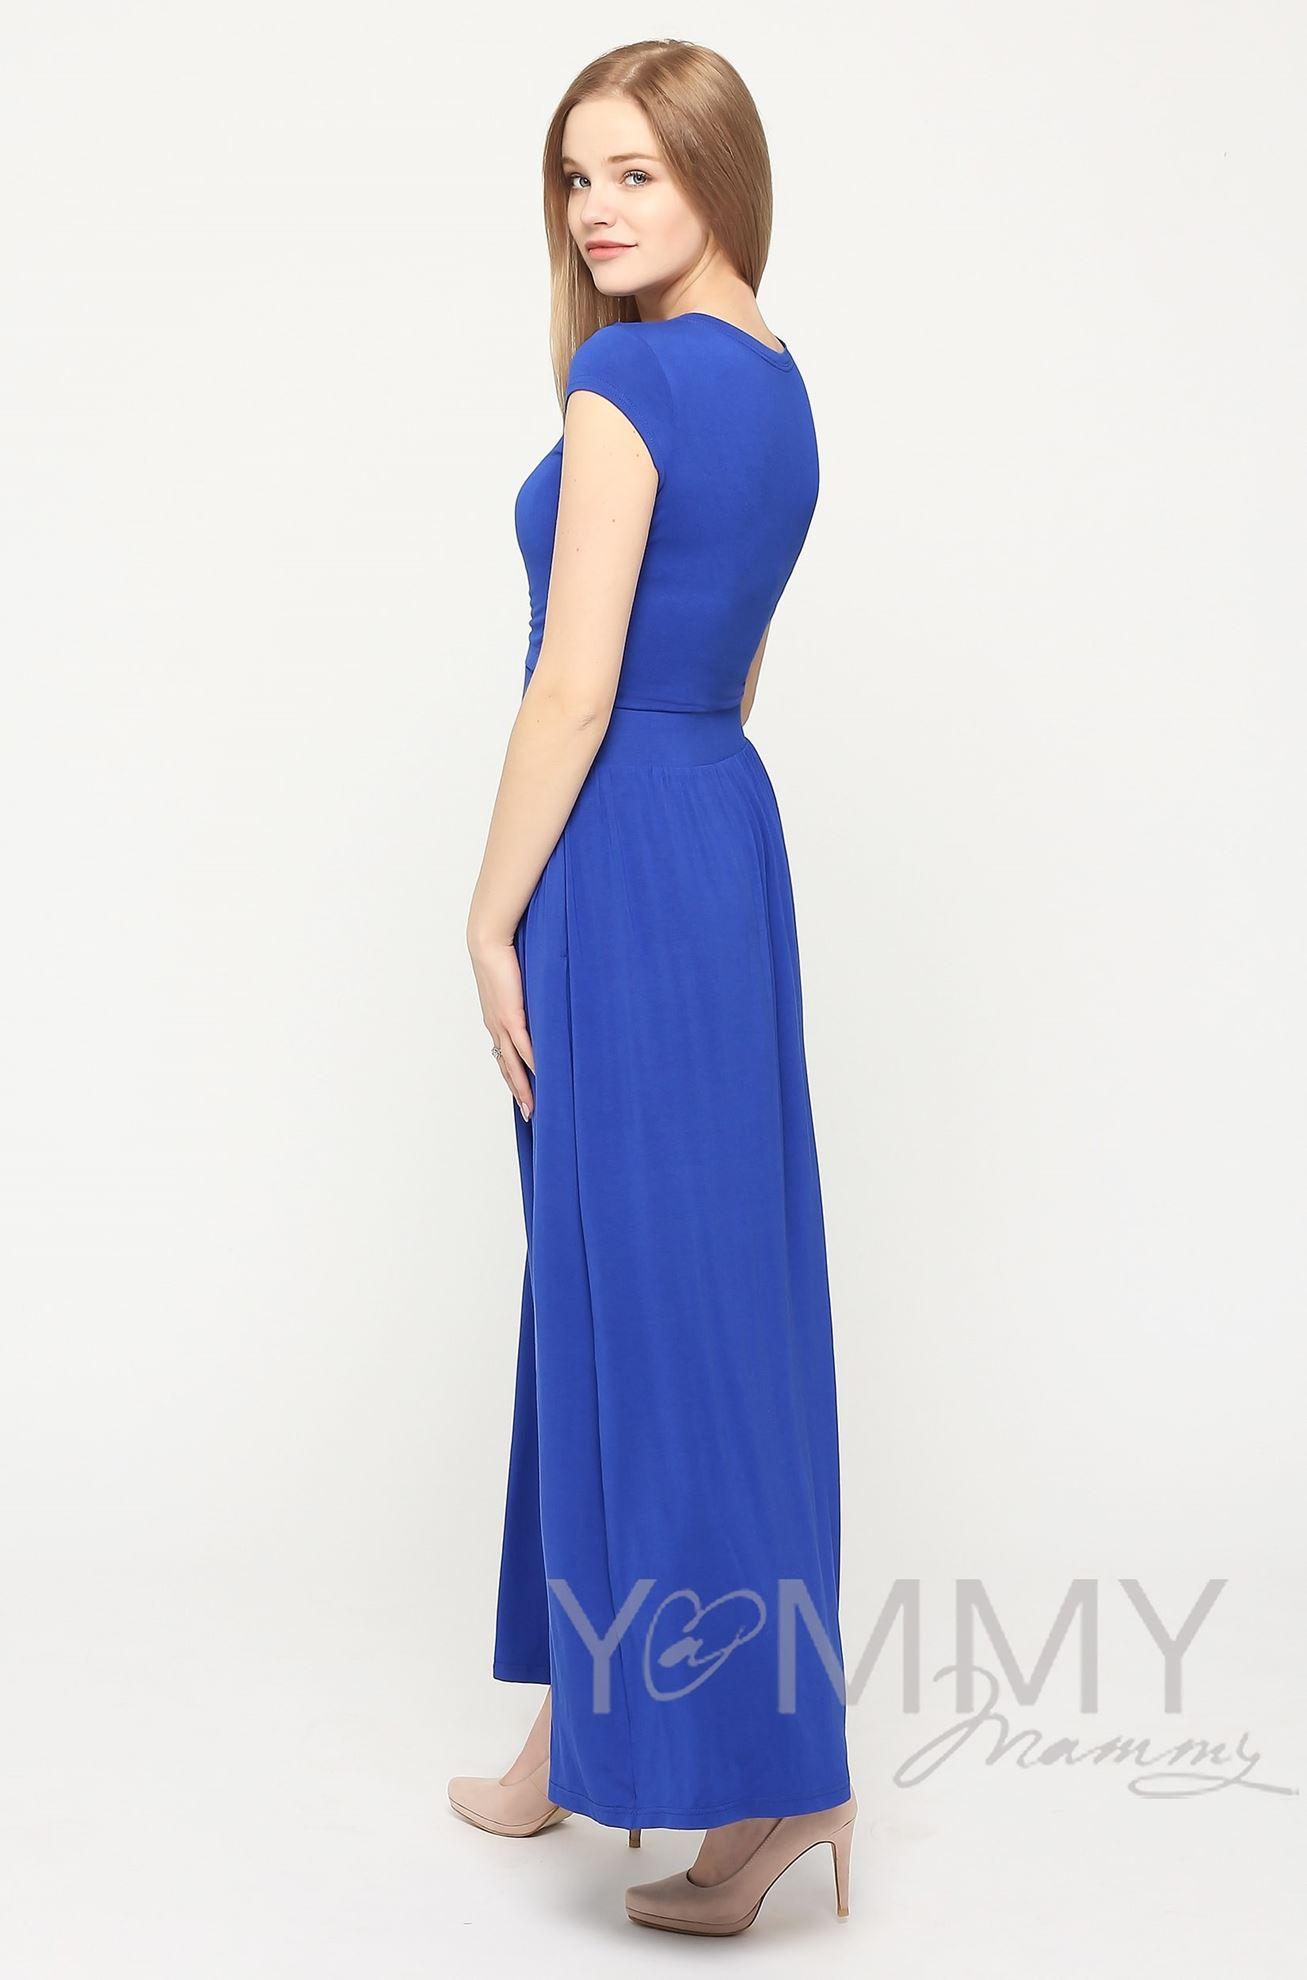 Изображение                               Платье длинное с карманам ультрамарин